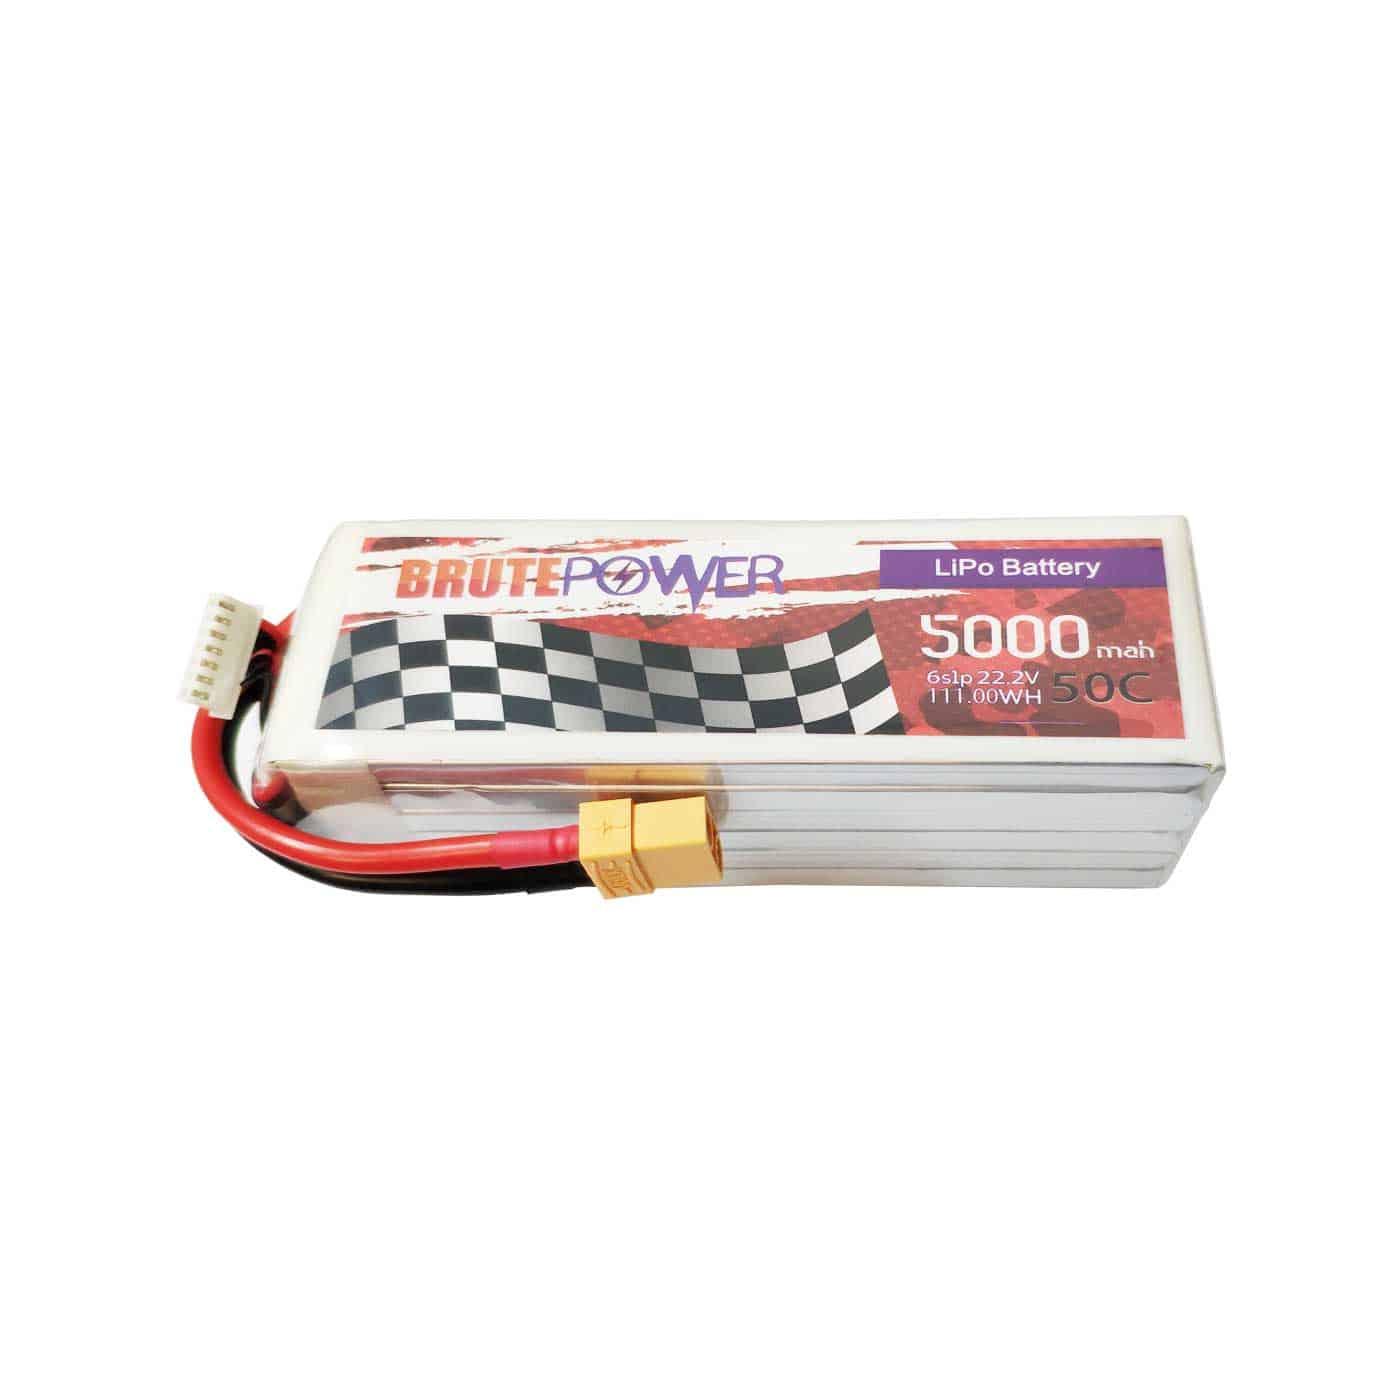 Batería lipo 6s 5000mah